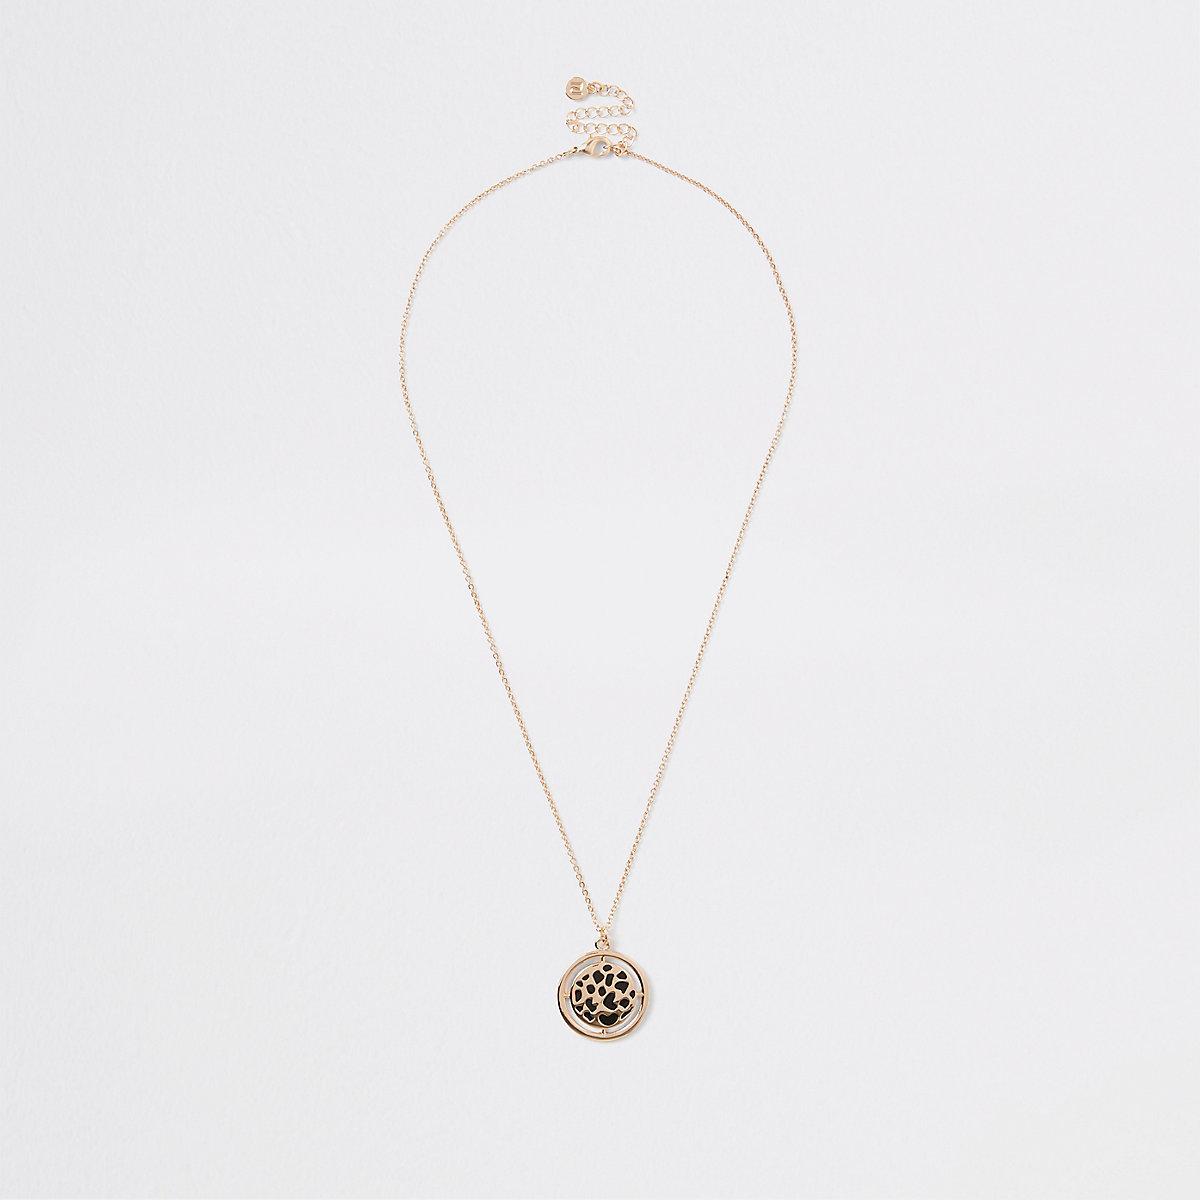 Gold tone leopard enamel print necklace